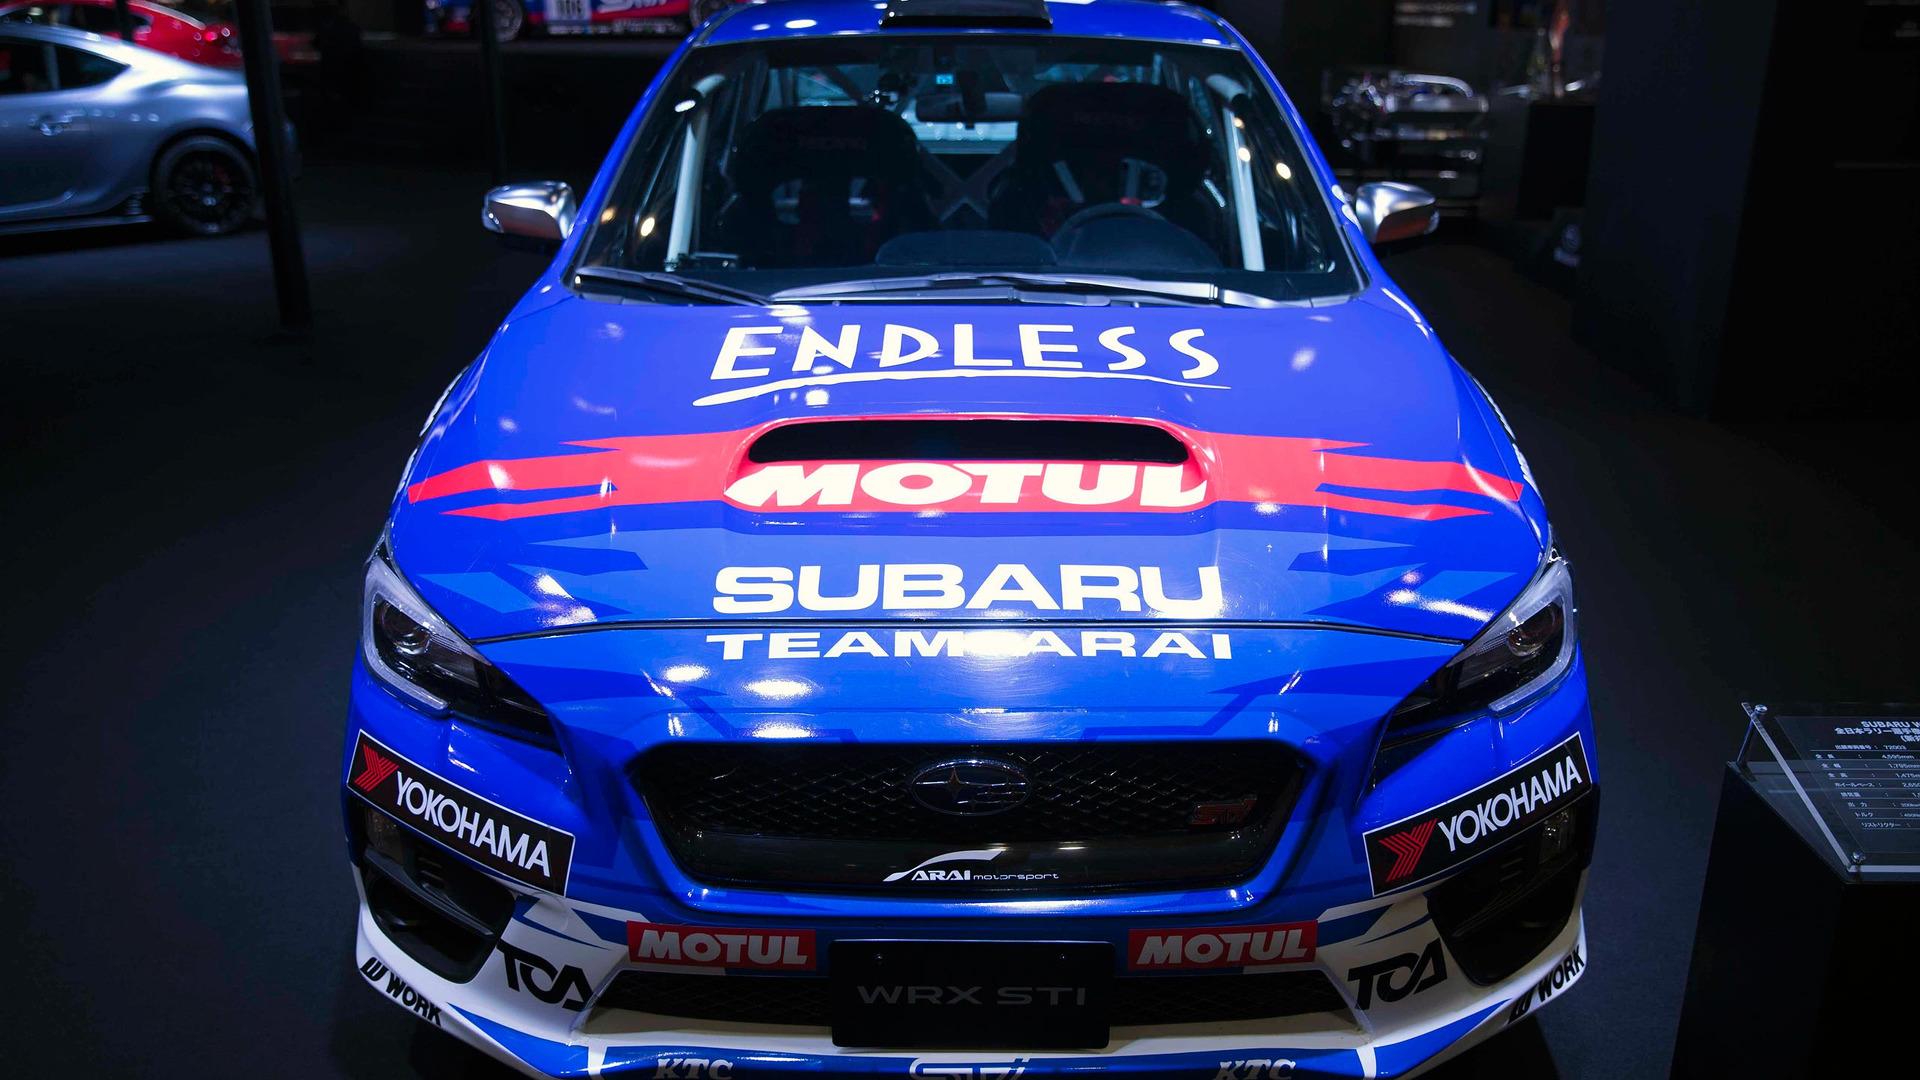 Subaru_2017_Tokyo_Auto_Salon_58